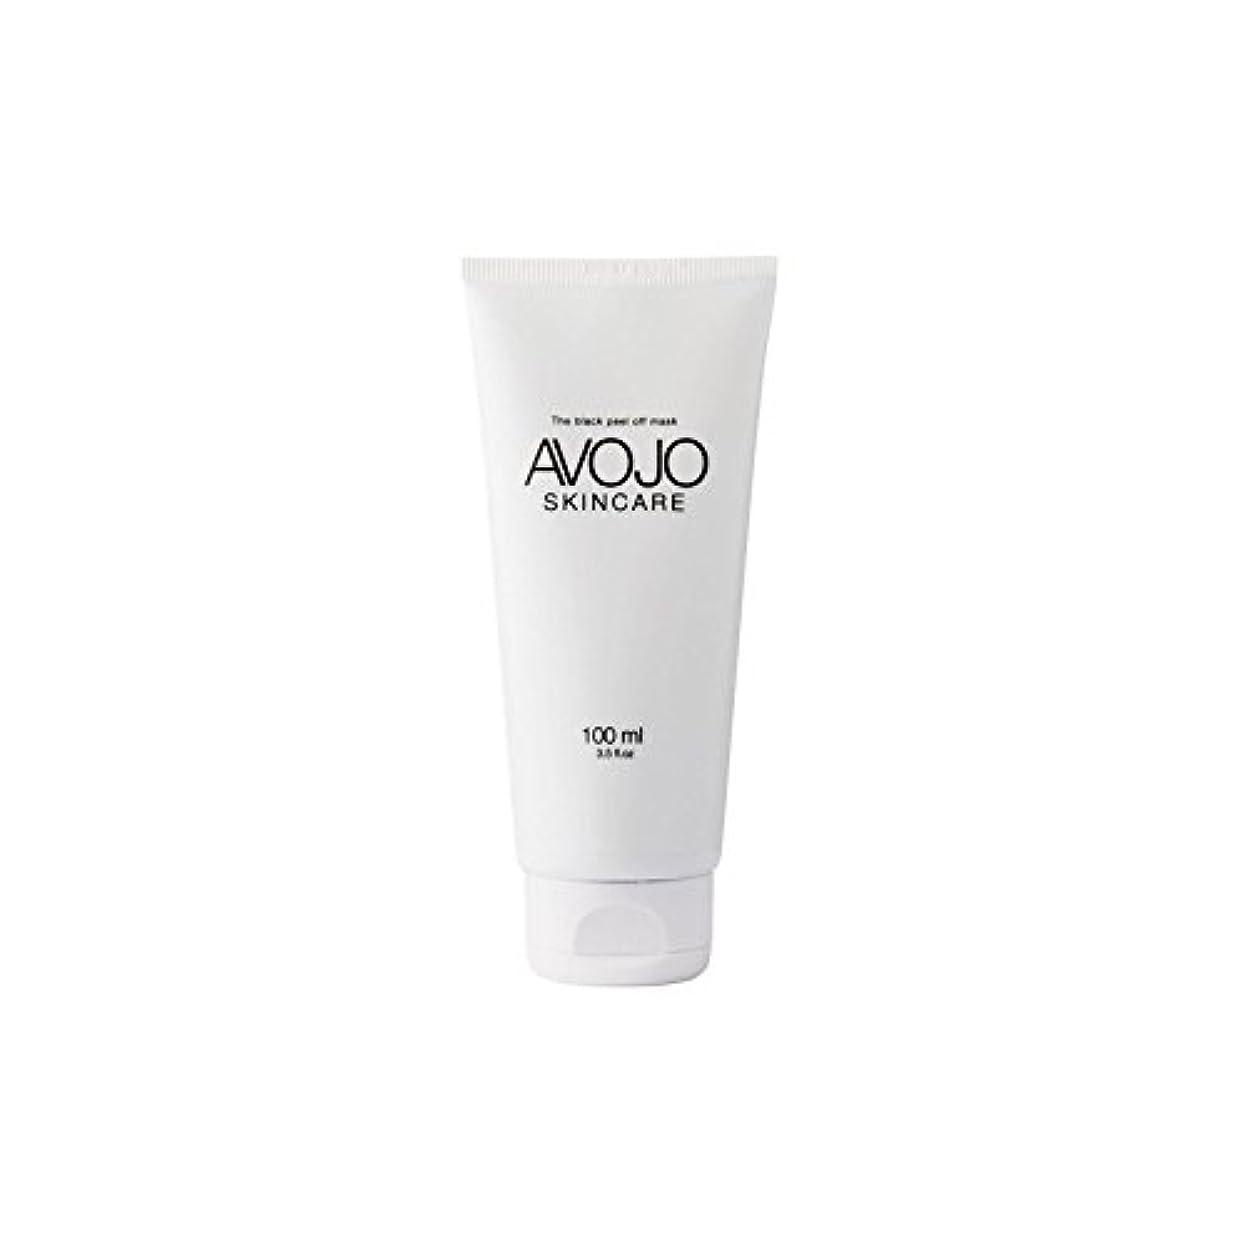 くしゃみ前置詞講堂Avojo - The Black Peel Off Mask - (Bottle 100ml) (Pack of 6) - - 黒皮オフマスク - (ボトル100ミリリットル) x6 [並行輸入品]